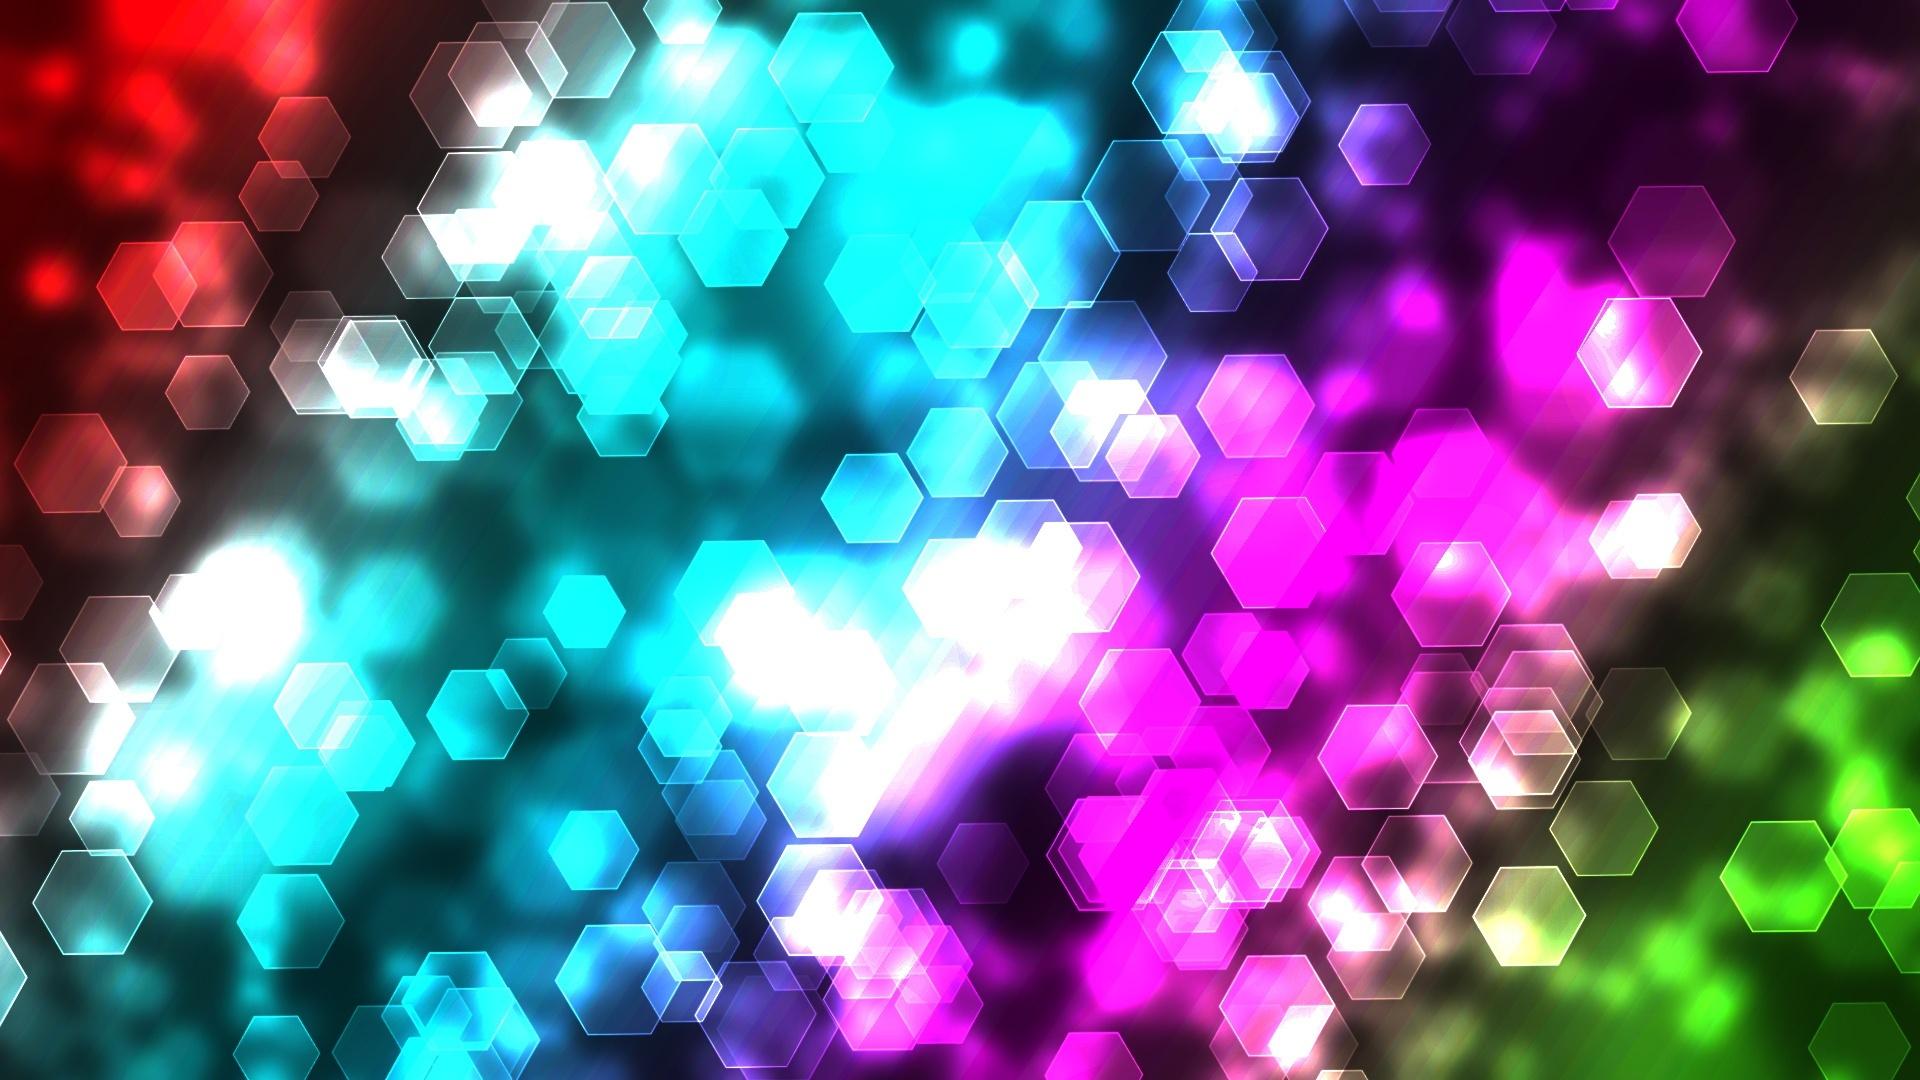 Fondo De Pantalla Abstracto Barras De Colores: Fondos De Pantalla Luces Abstractas De Colores Hexagonales